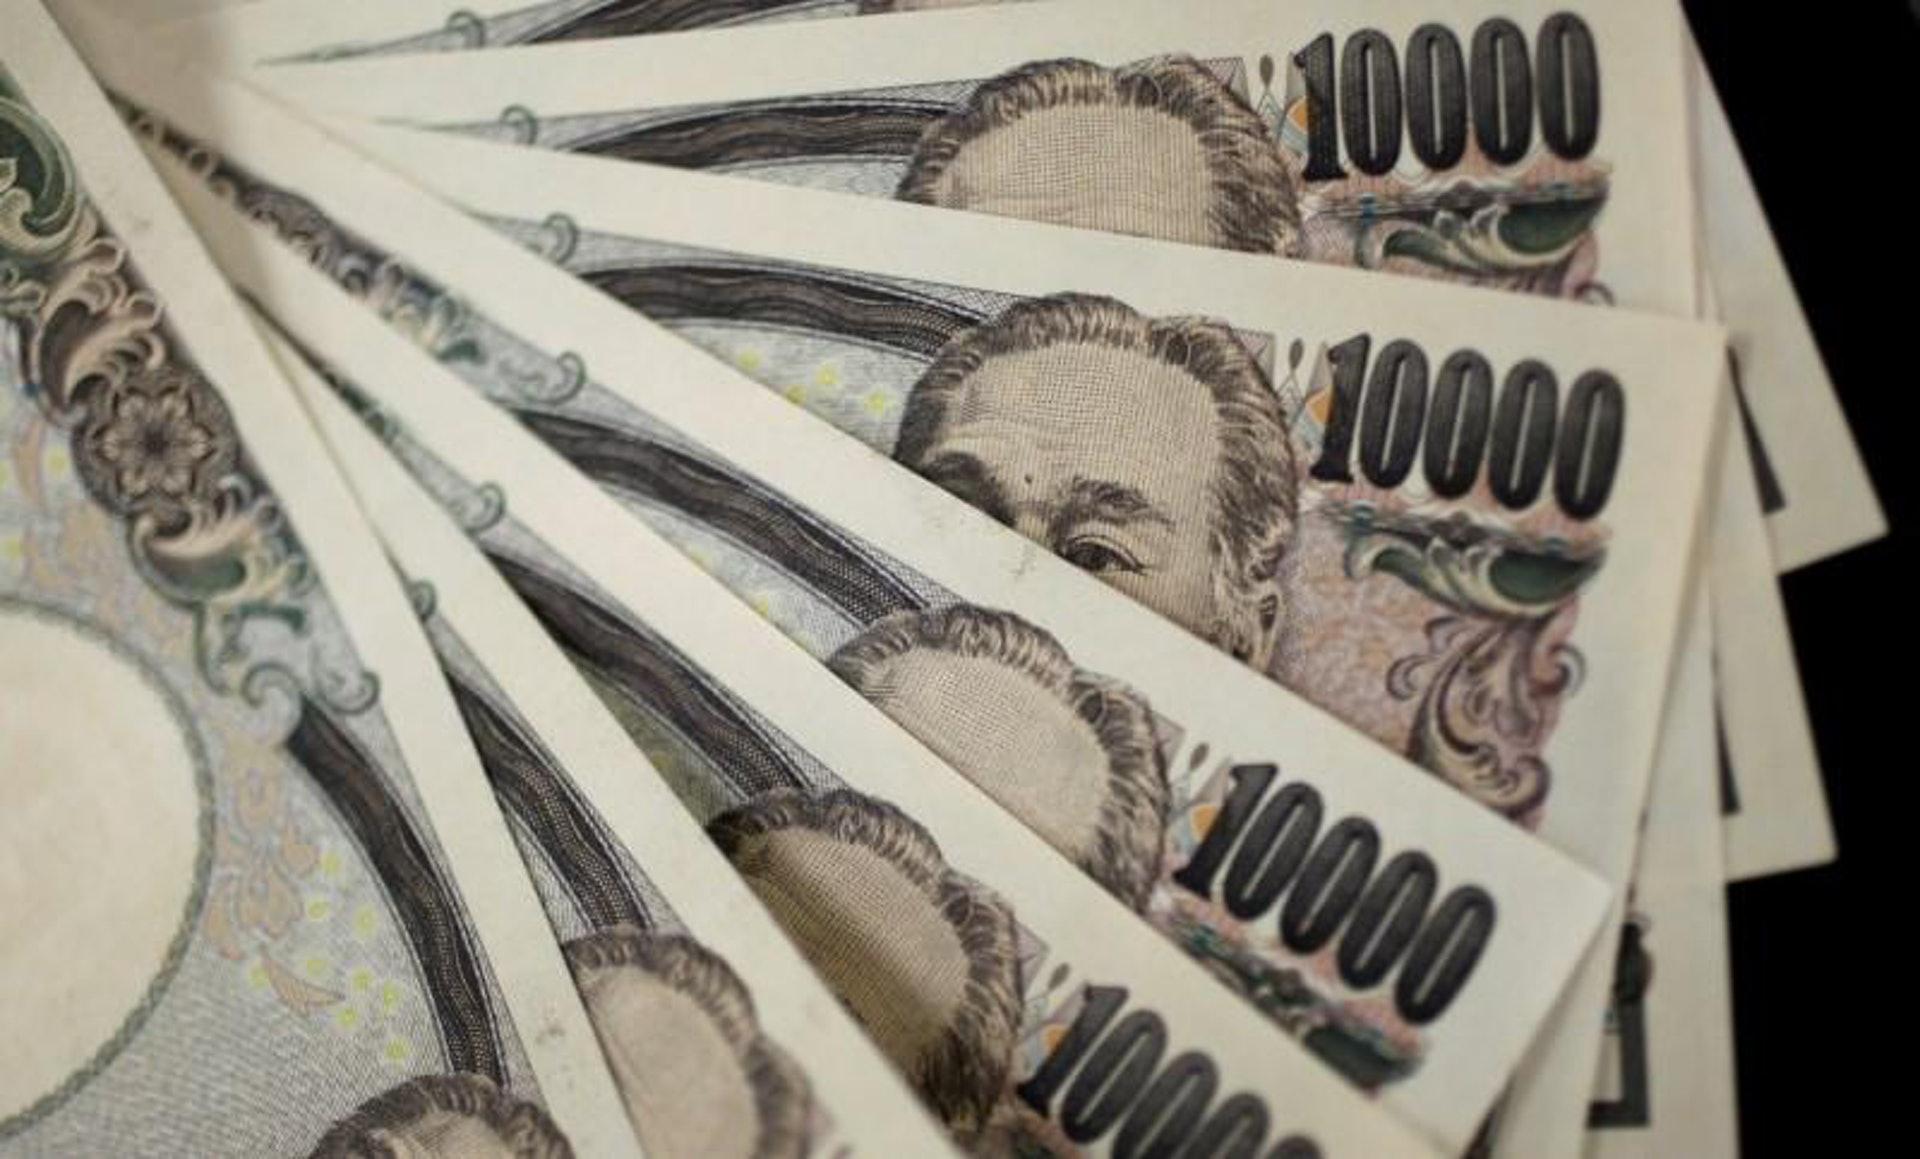 日本为应对新冠疫情而推出的财政刺激规模已达225万亿日圆,约为2019年GDP总额的40%。 (路透社)